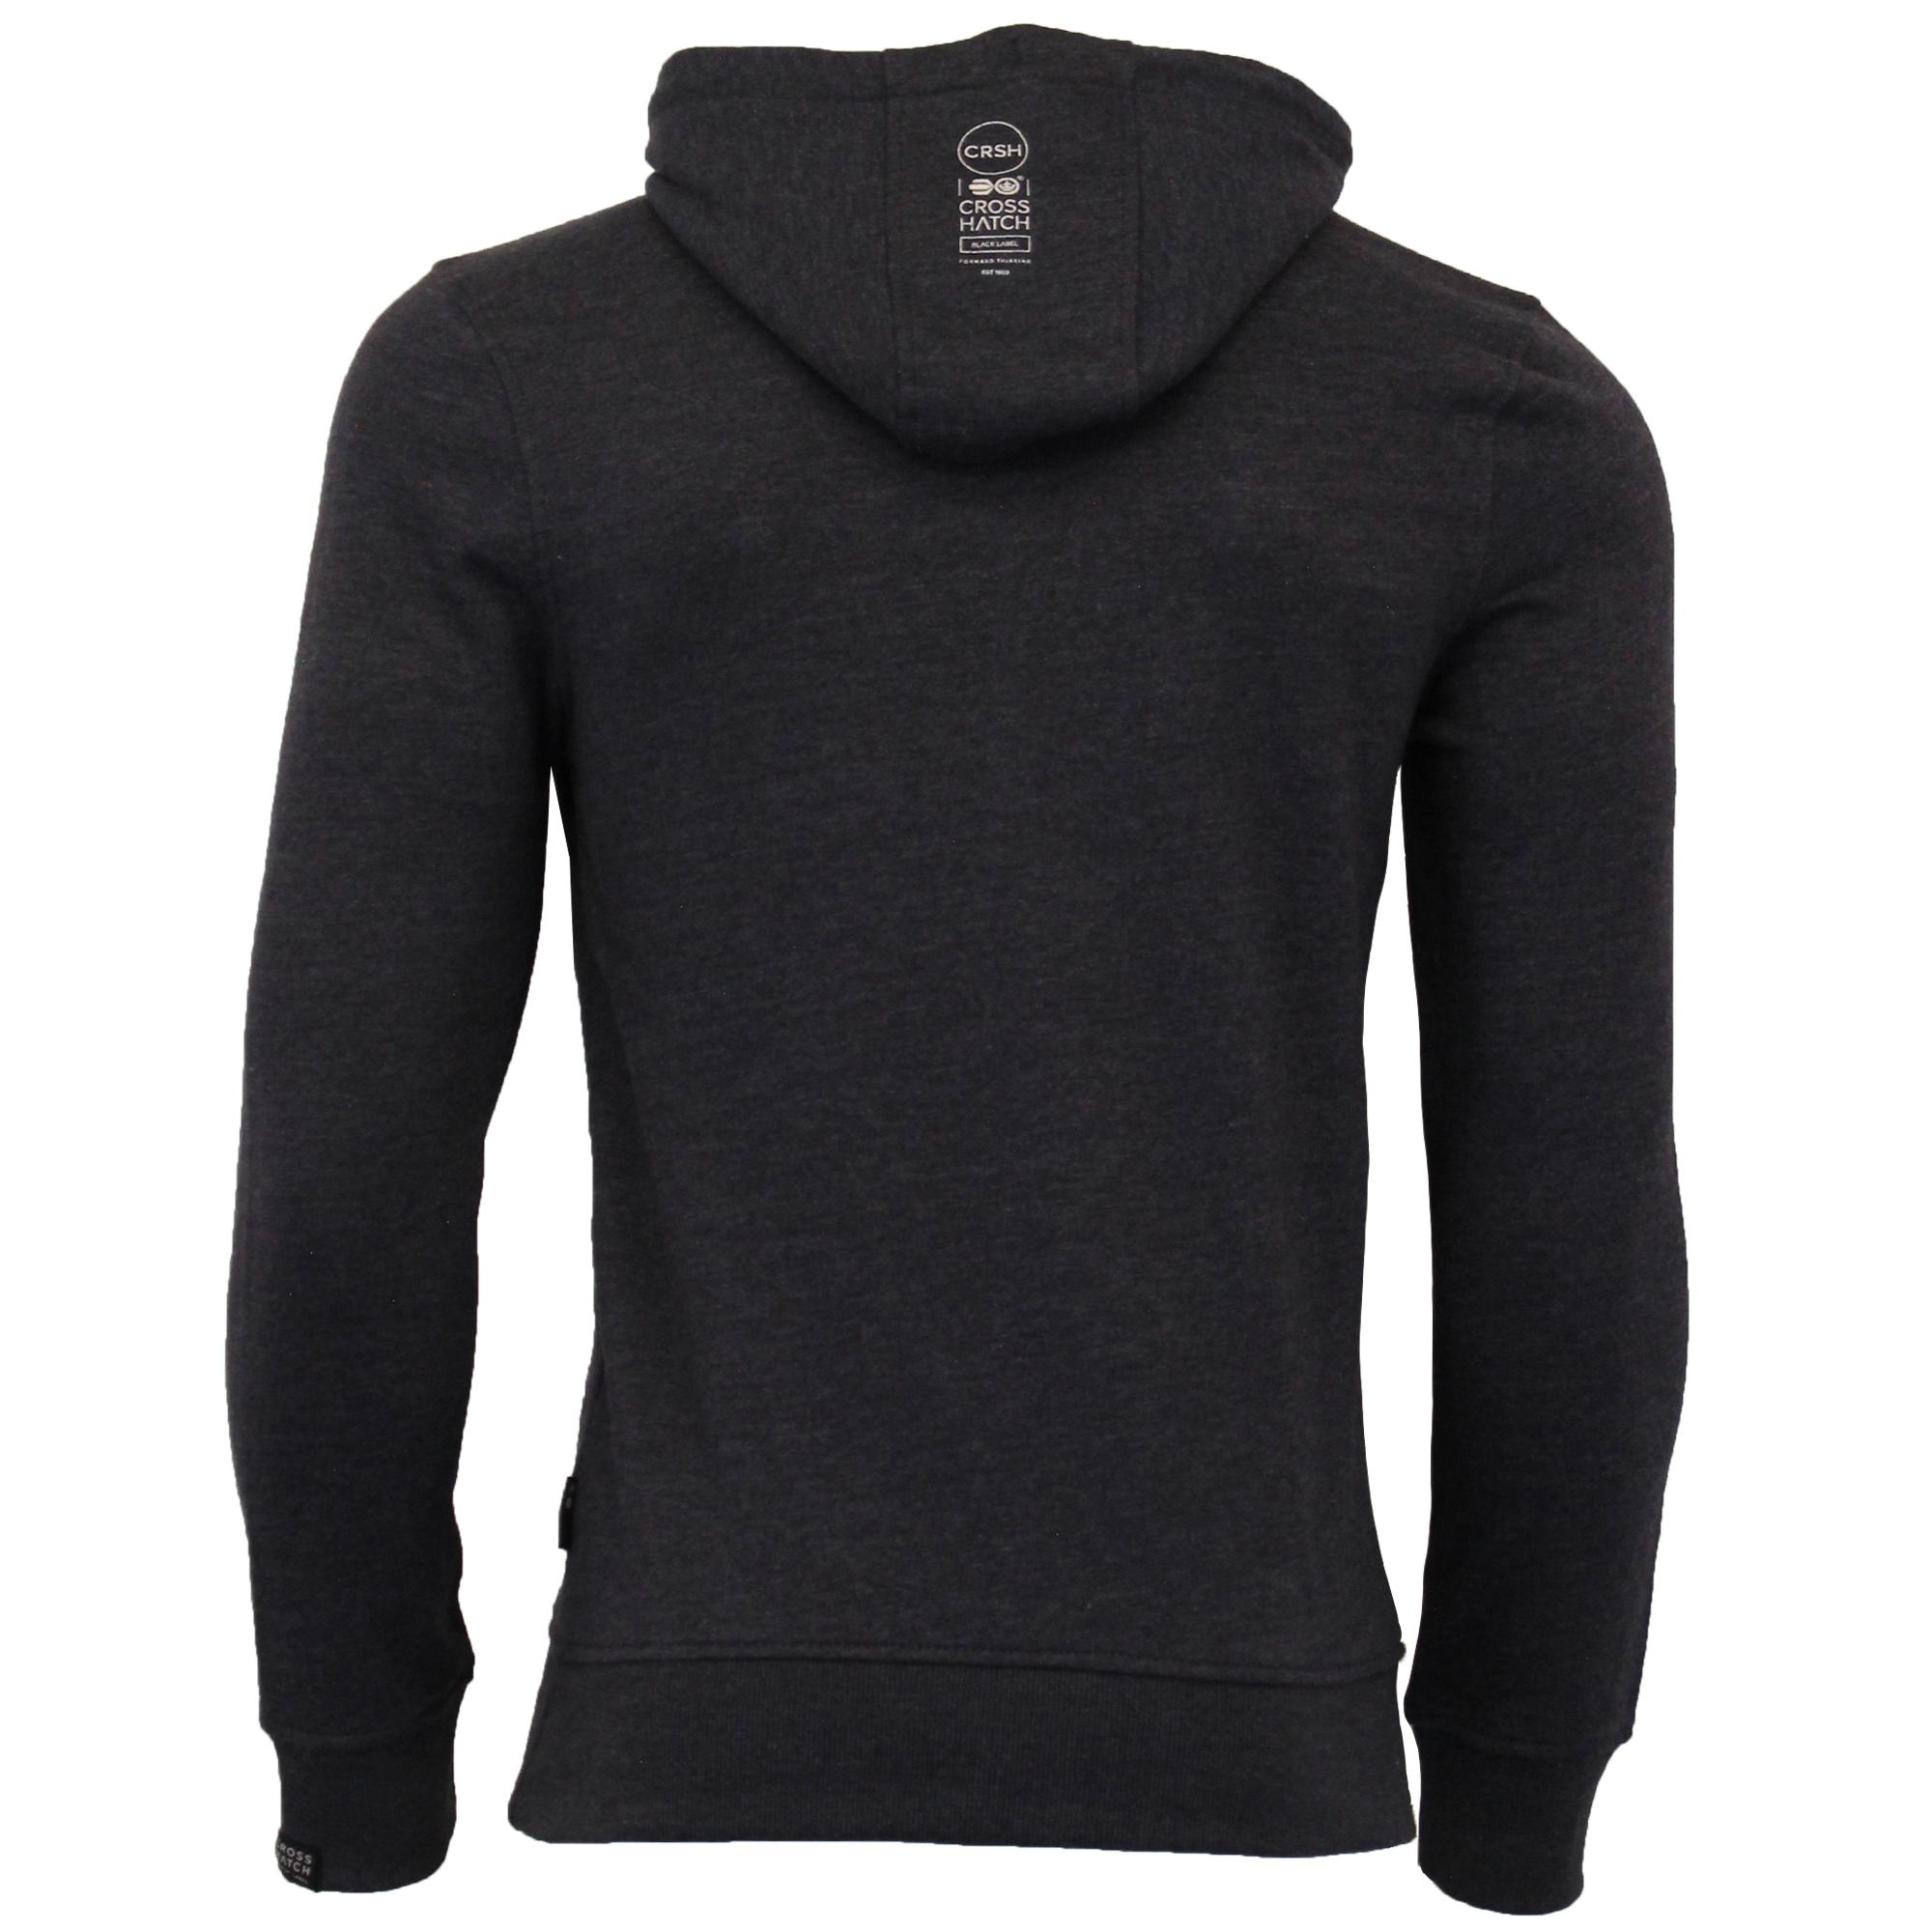 Mens-Sweatshirt-Crosshatch-Over-The-Head-Hoodie-Printed-Zip-Pullover-Top-Fleece thumbnail 16